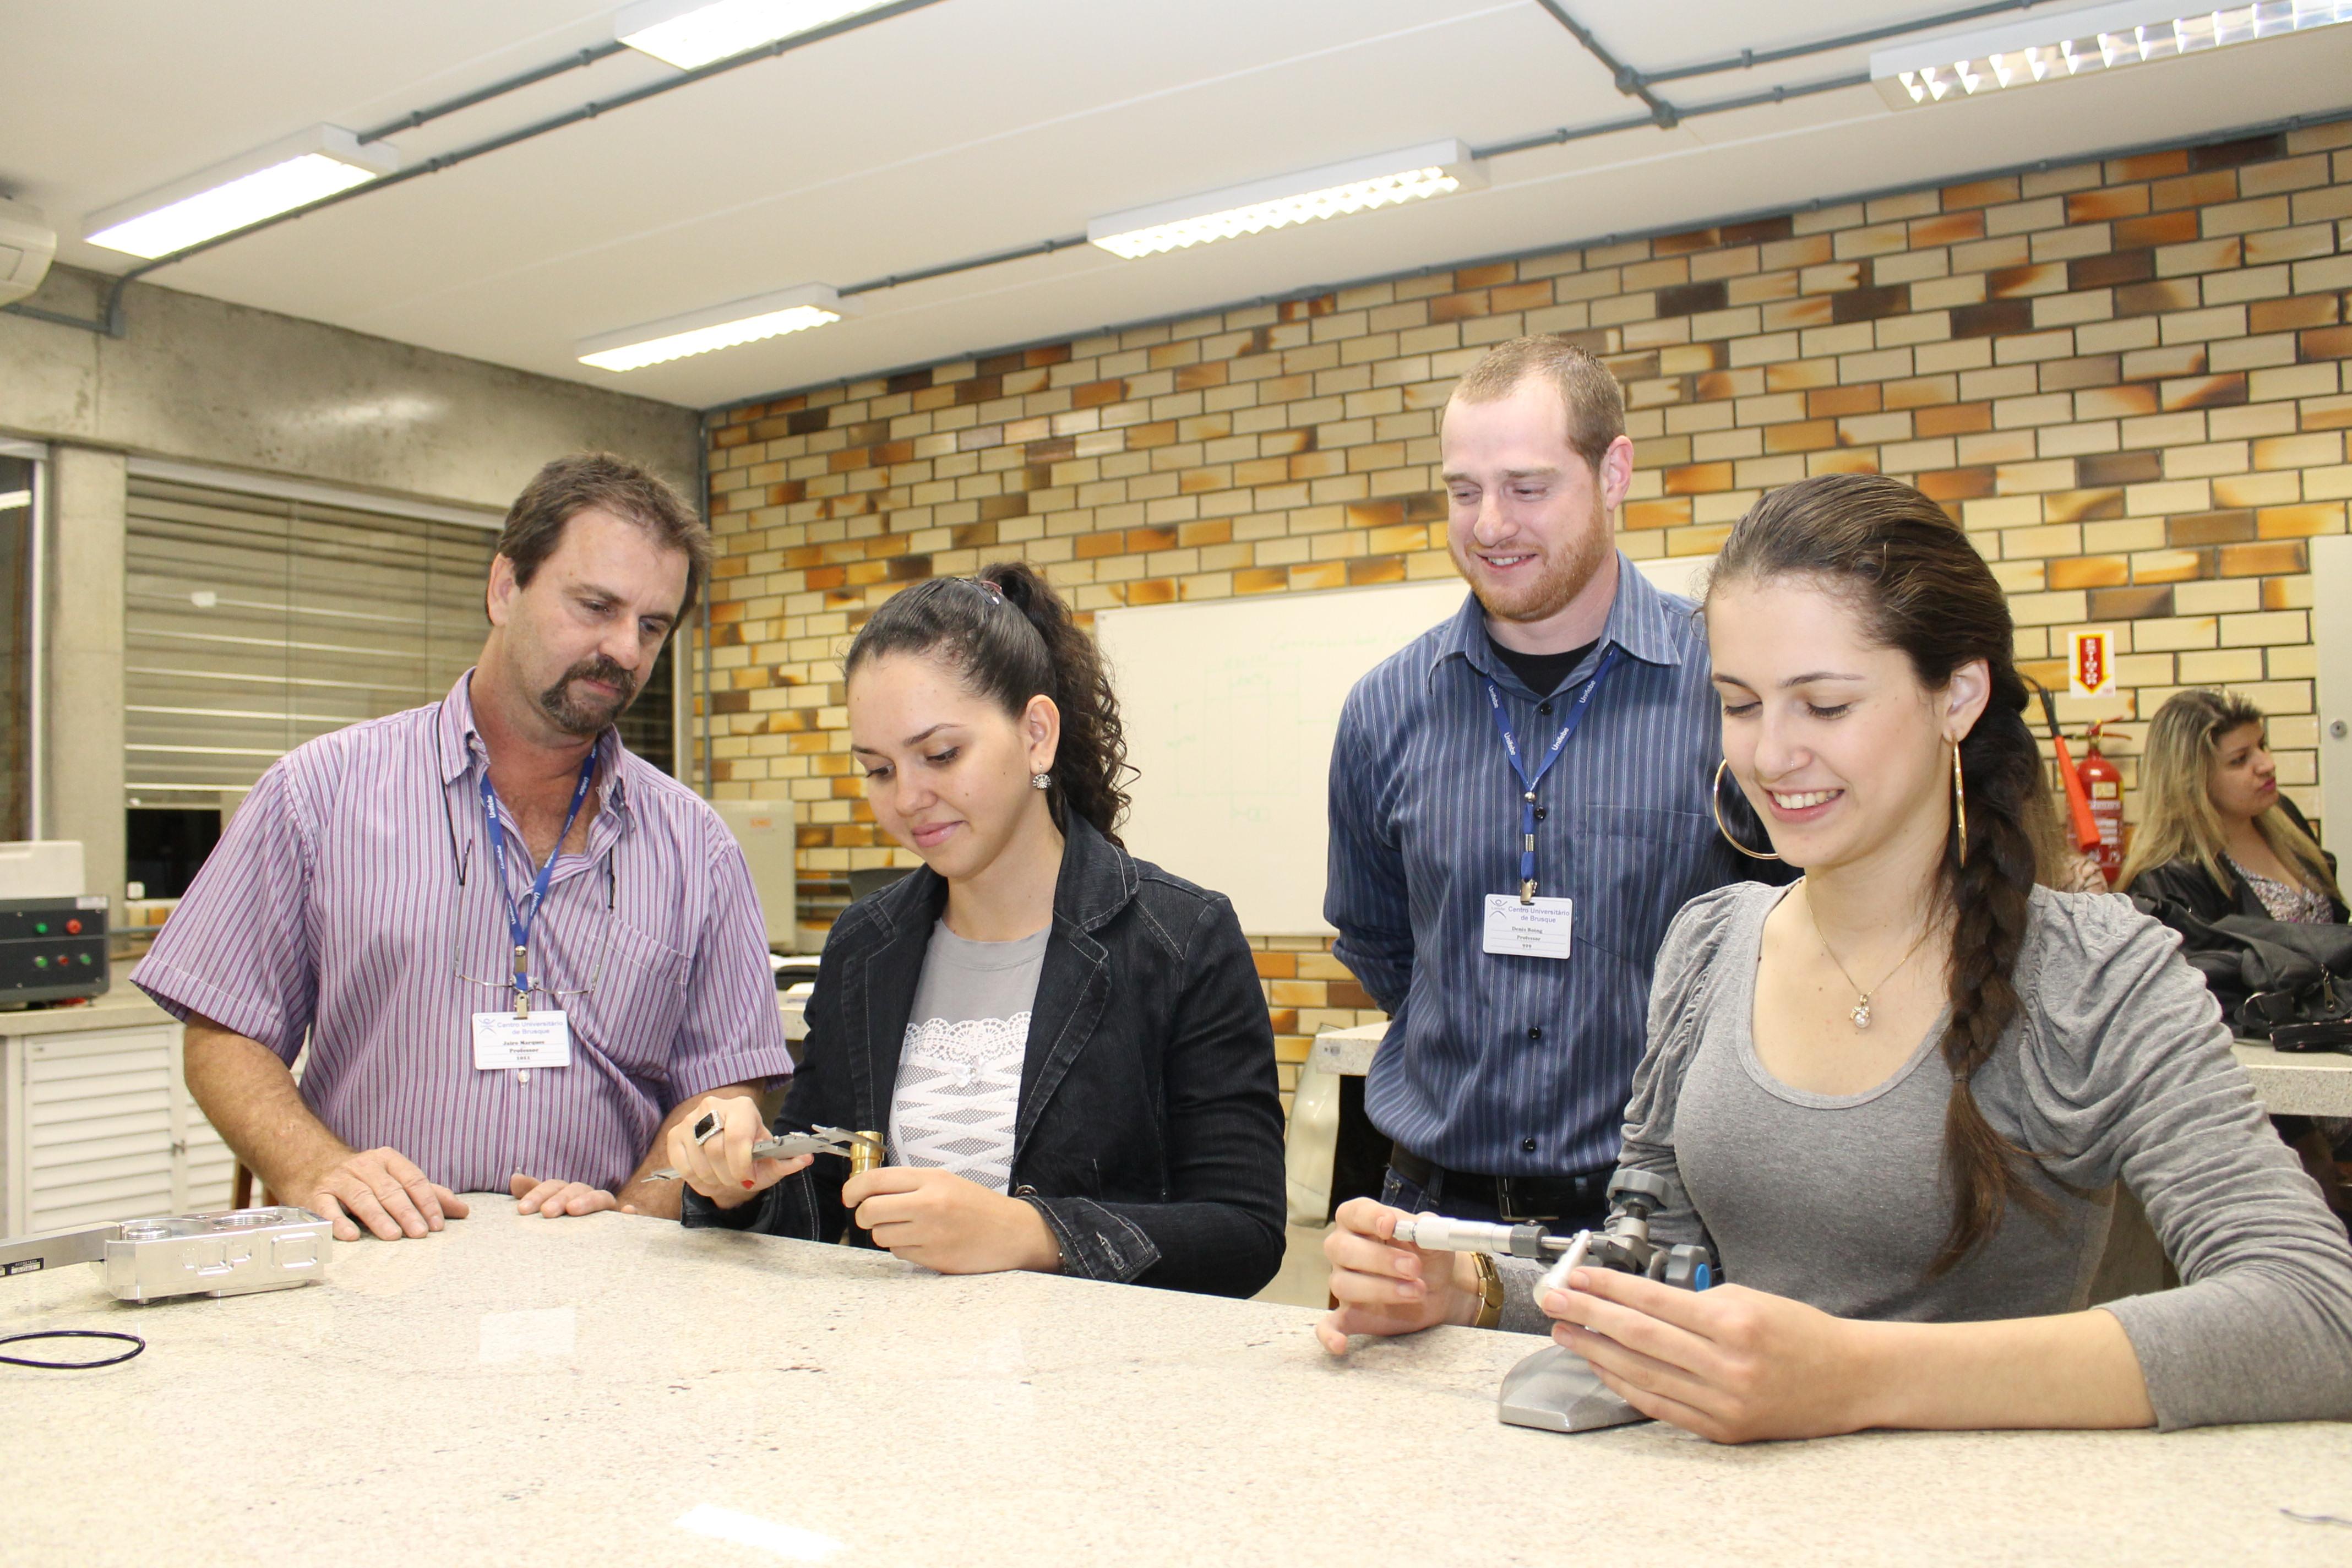 Curso de Engenharia de Produção da UNIFEBE está entre os melhores do Estado